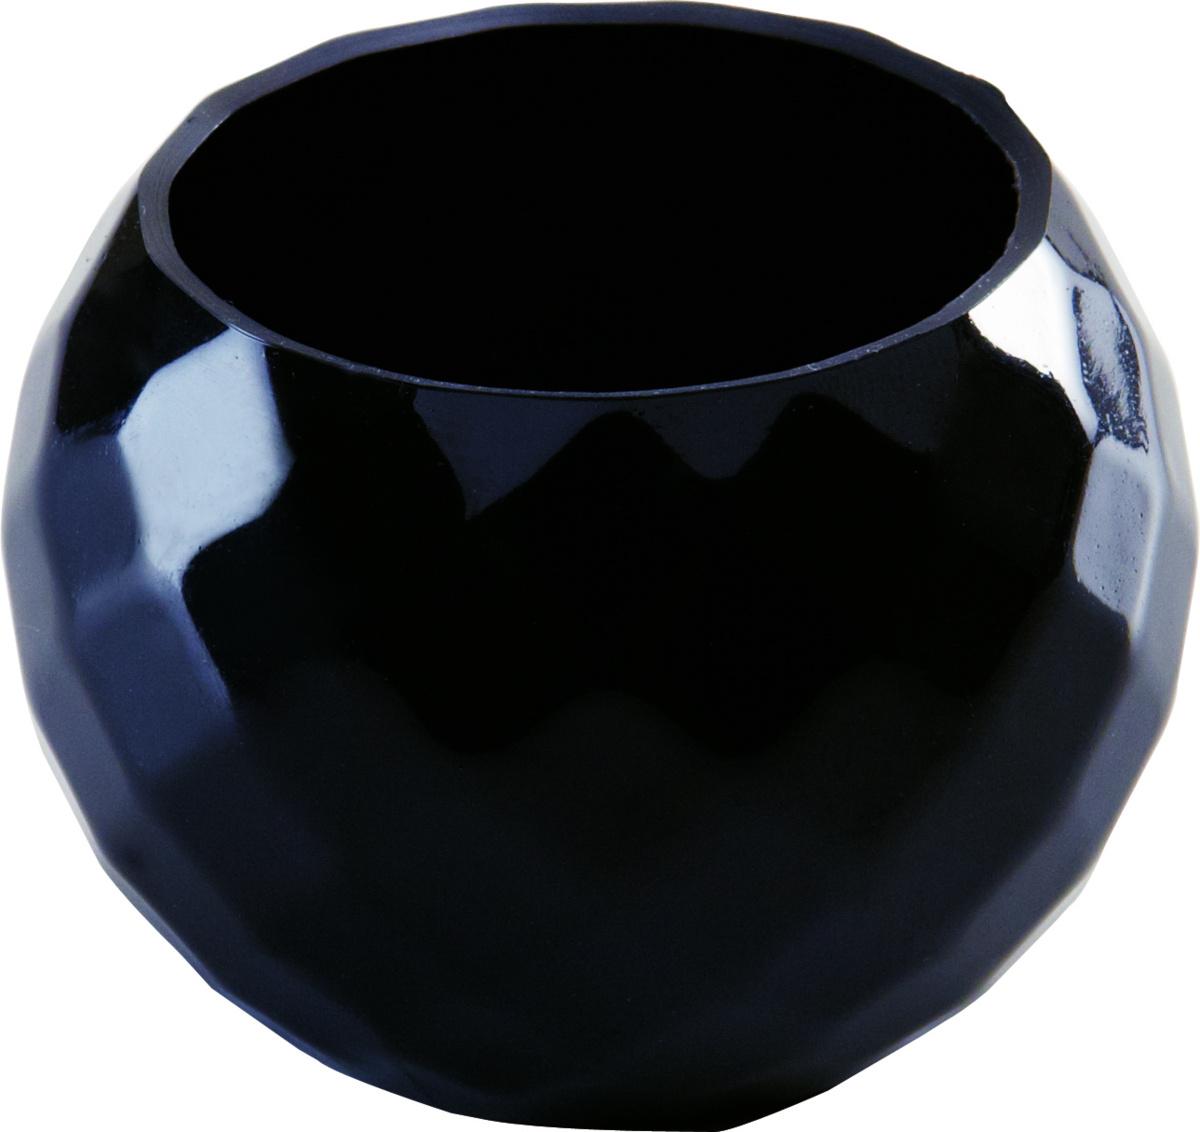 Verrine sphair diams rond noir Ø 5,70 cm 7,50 cl Solia (40 pièces)